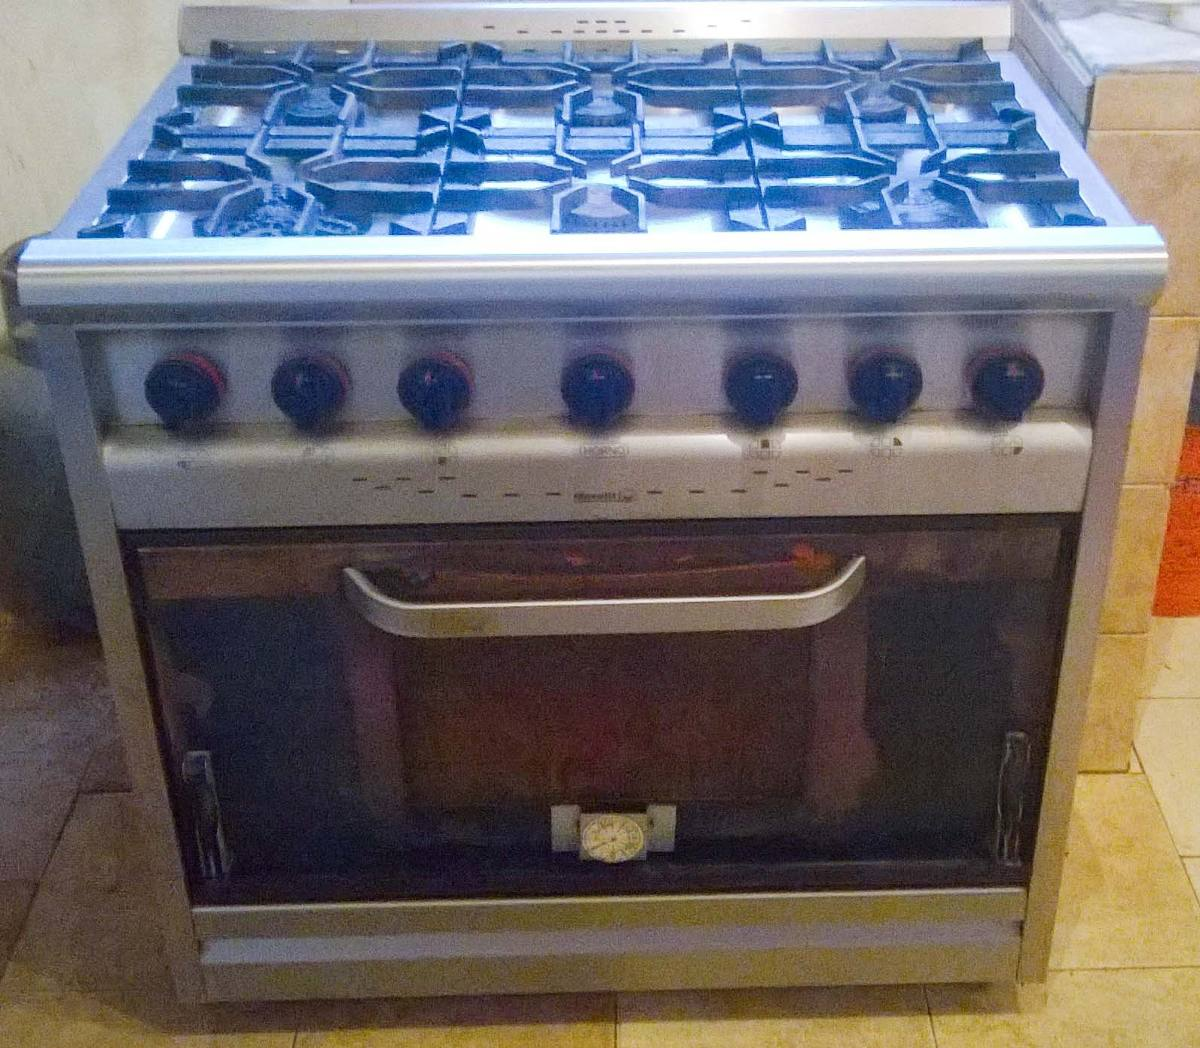 Cocina Industrial 6 Hornallas C Horno Morelli   11500